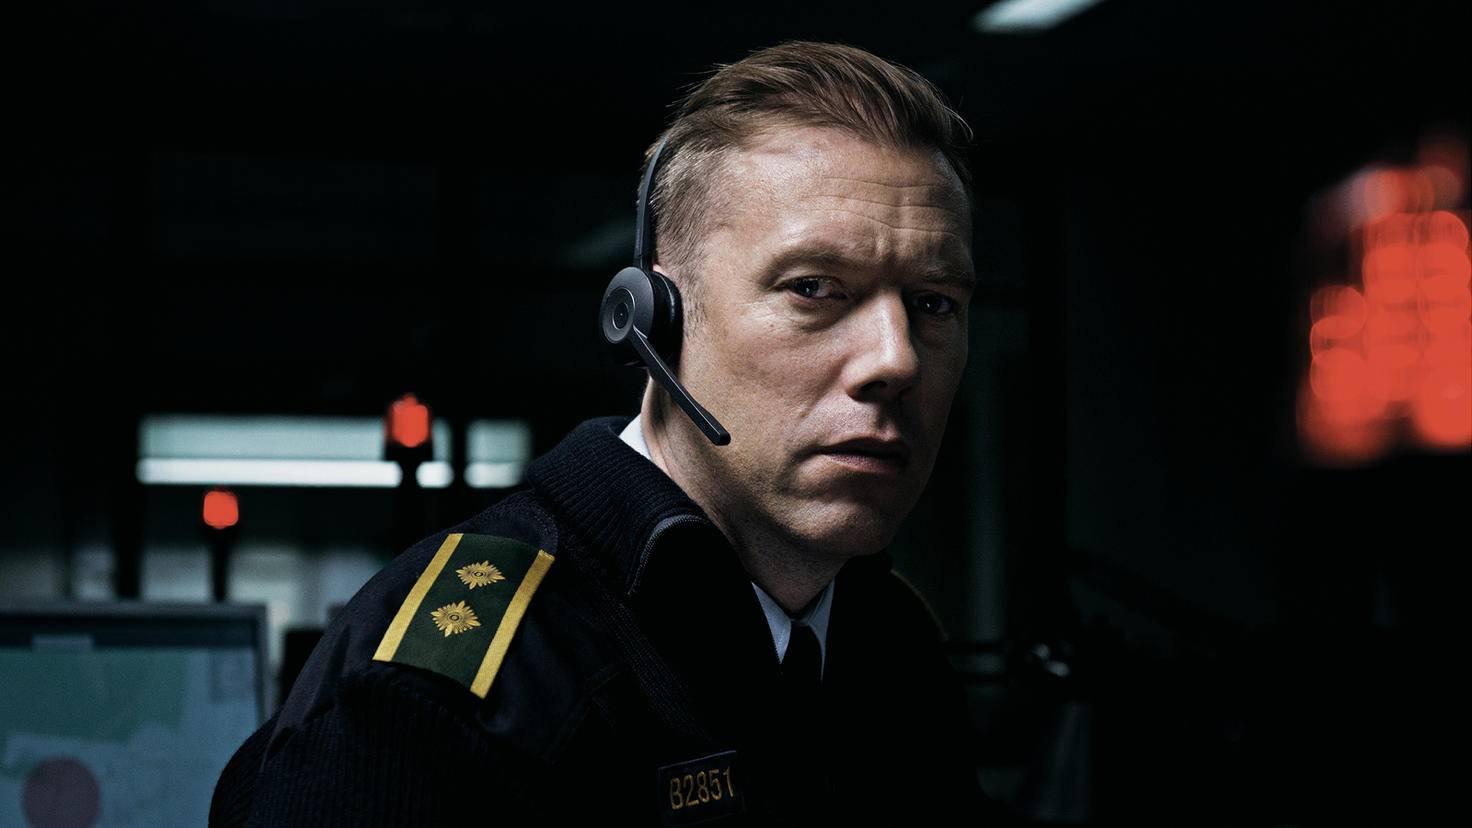 Eigentlich hatte sich Asger auf eine entspannte letzte Nacht in der Telefonzentrale der Polizei eingestellt.